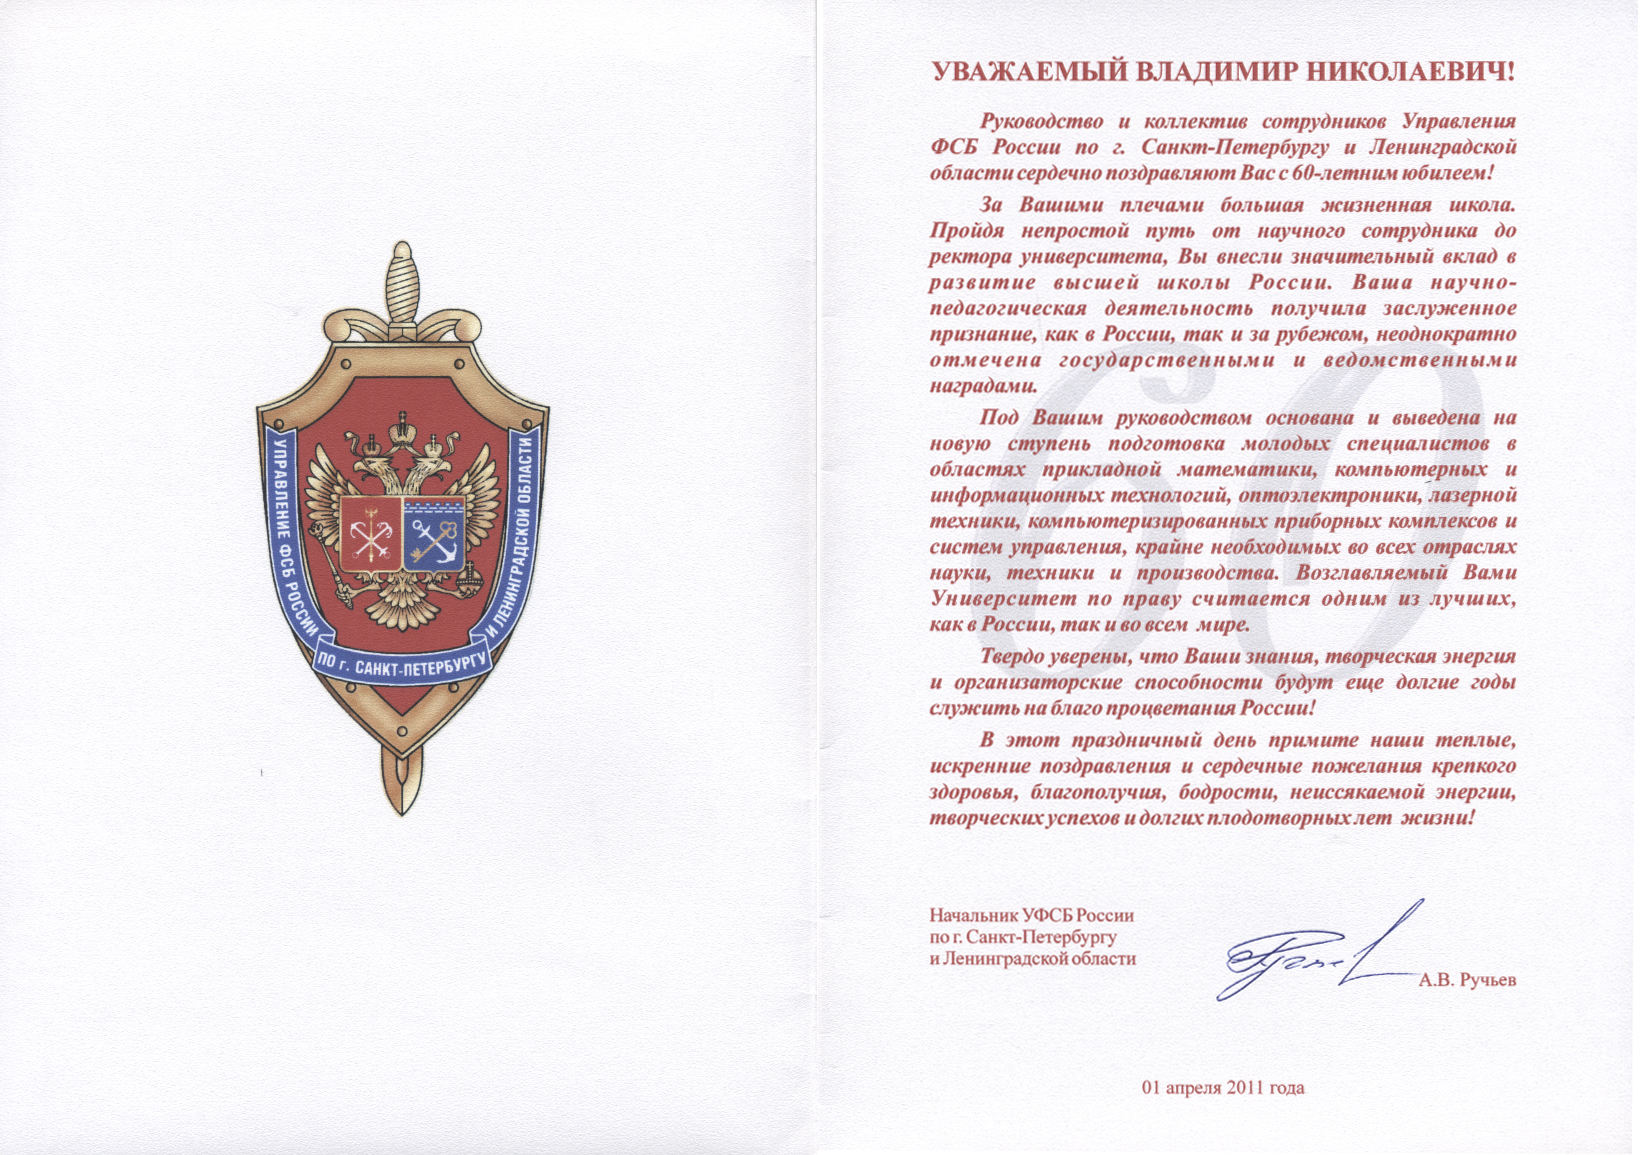 Поздравление с днем рождения начальнику фсб от губернатора